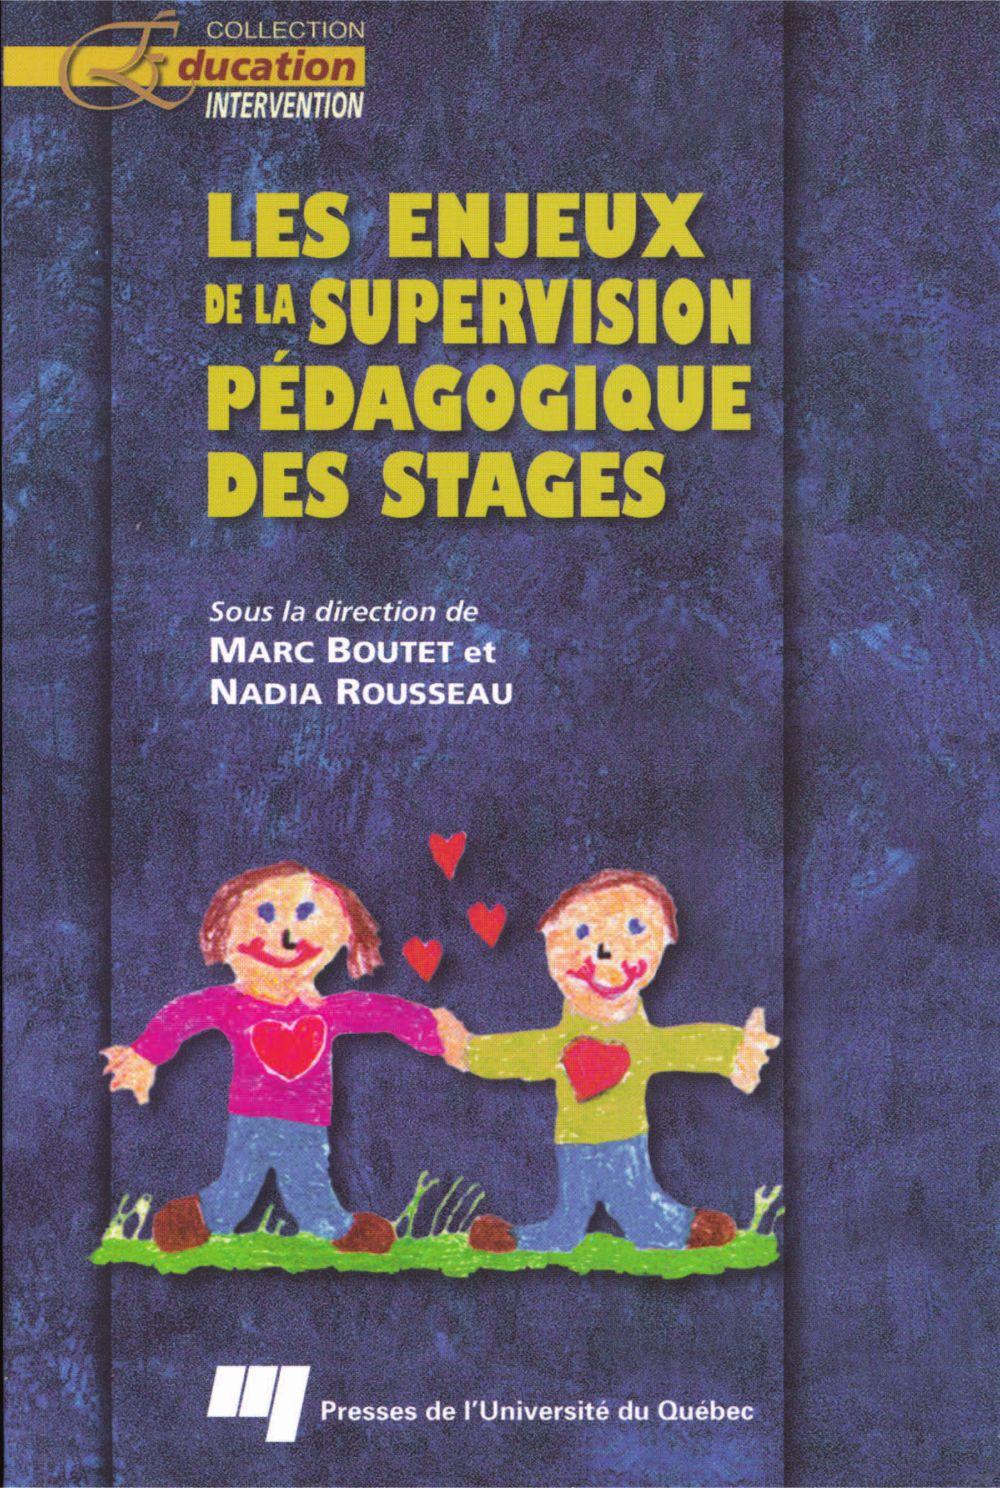 Les enjeux de la supervision pédagogique des stages